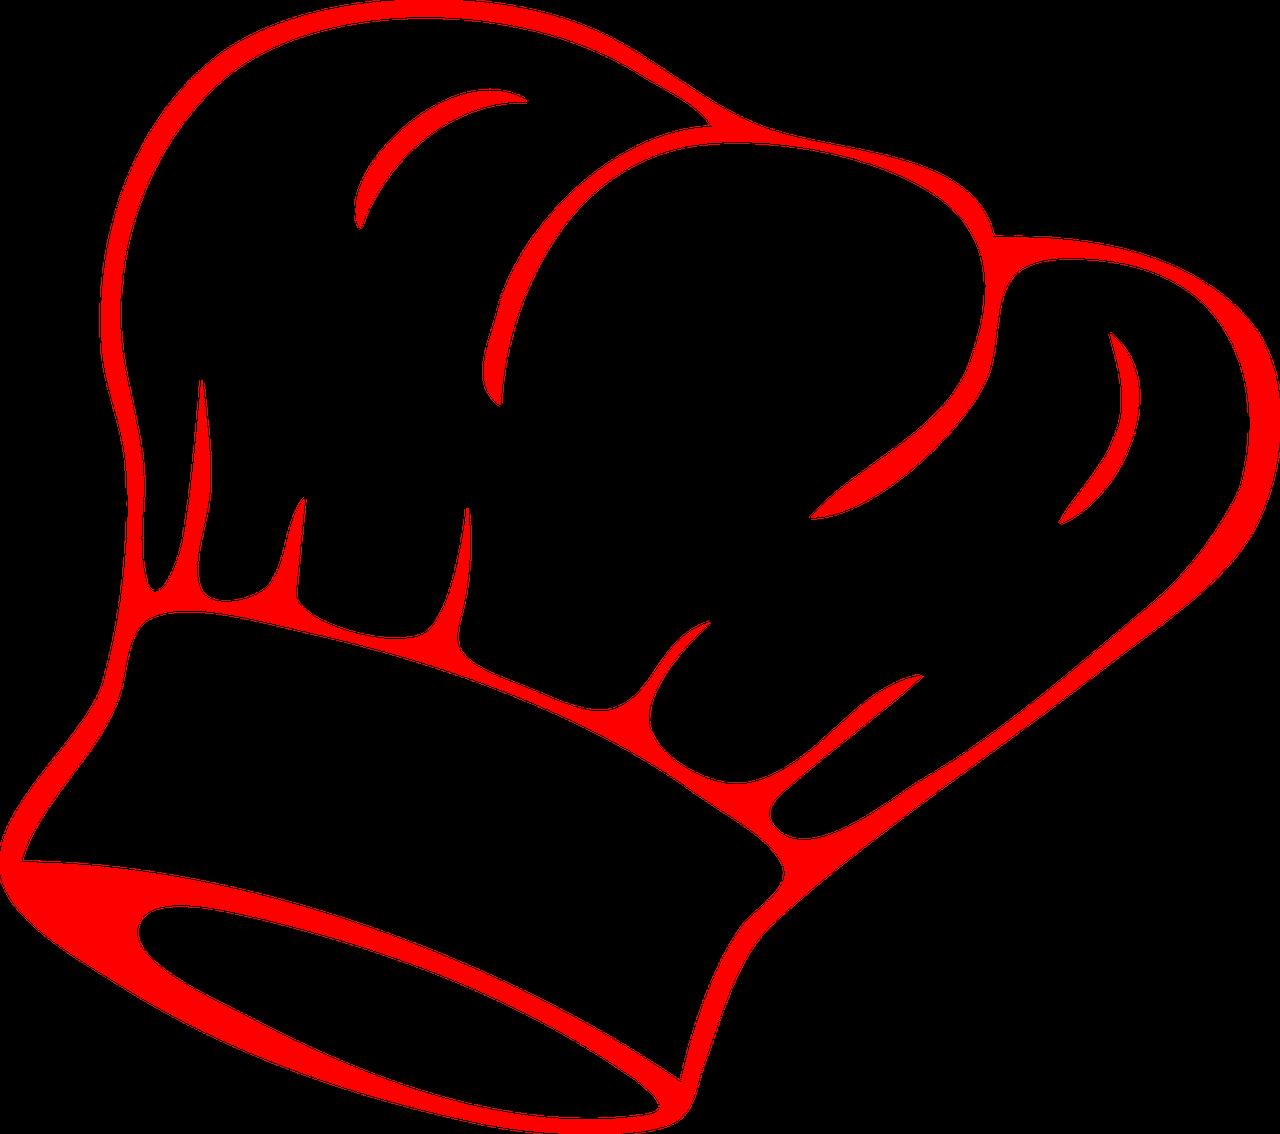 Imagen gratis en Pixabay - Del Gorro De Cocinero, Cocinero | lo ...